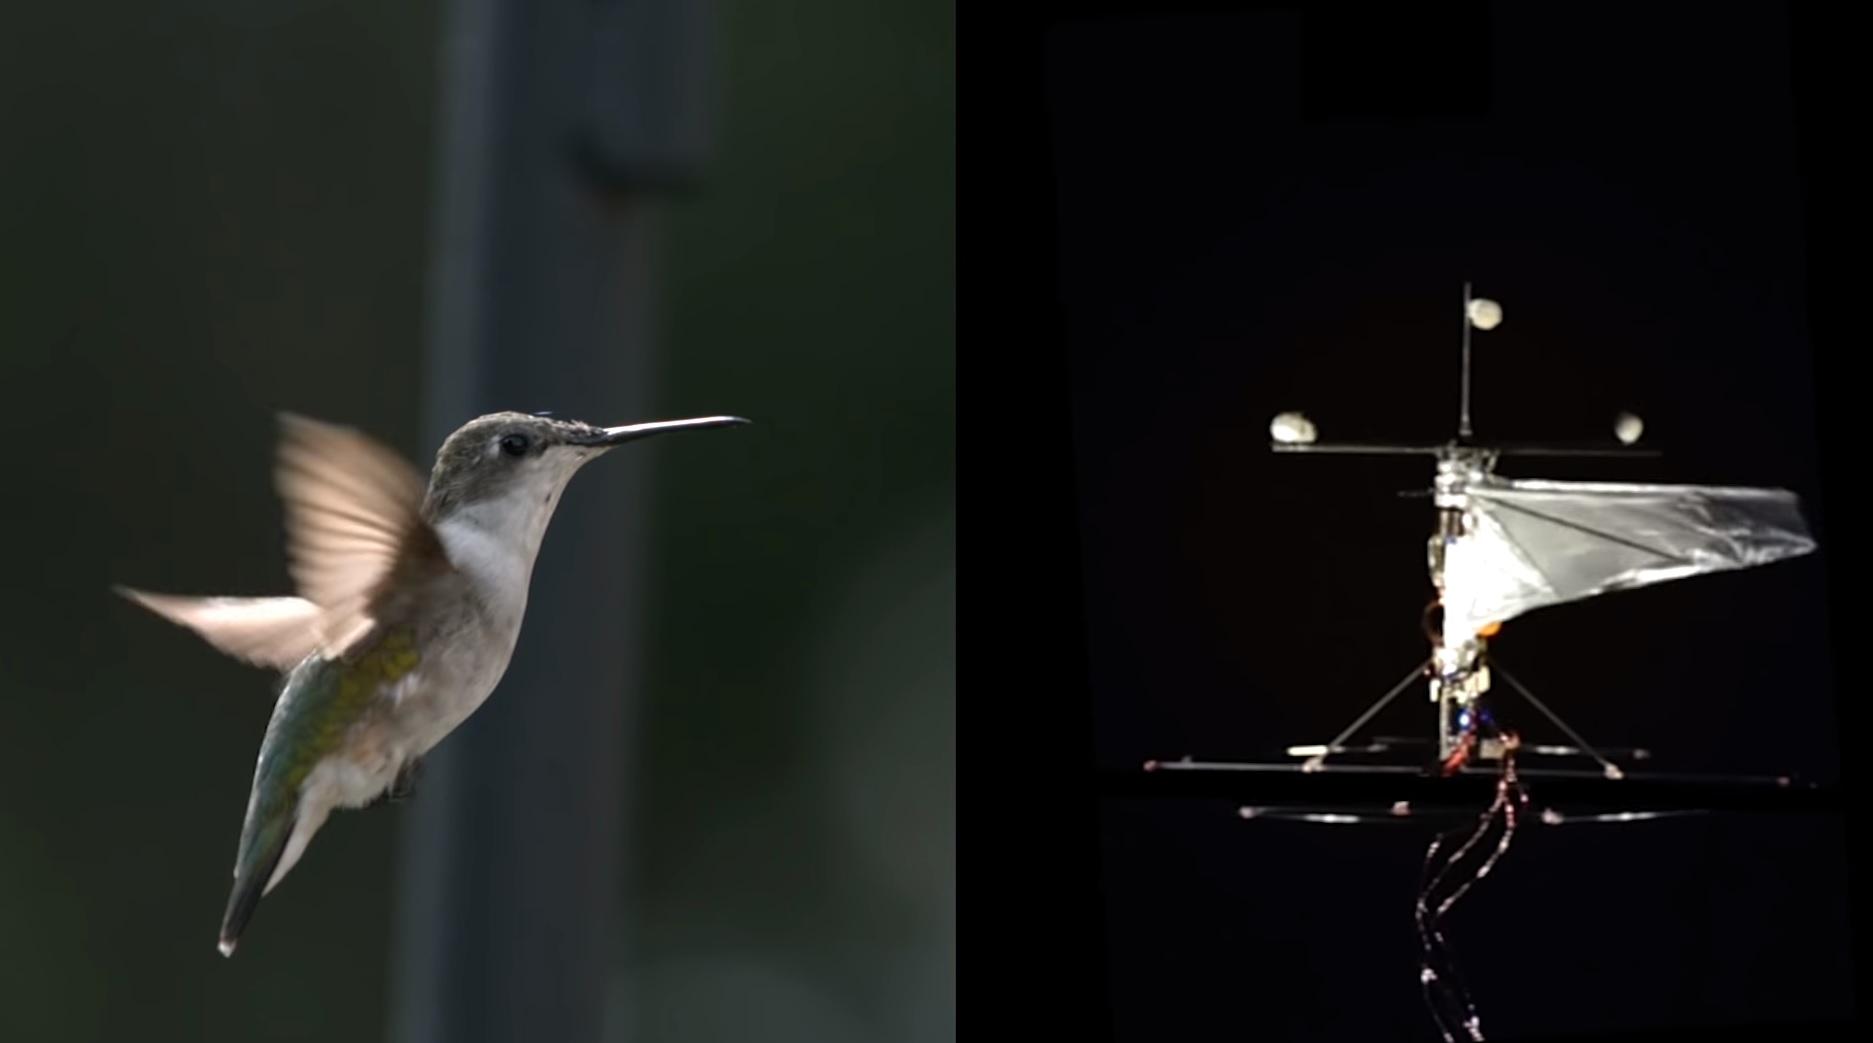 Dron v tvare kolibríka sa rozmermi a hybnosťou vyrovná originálu